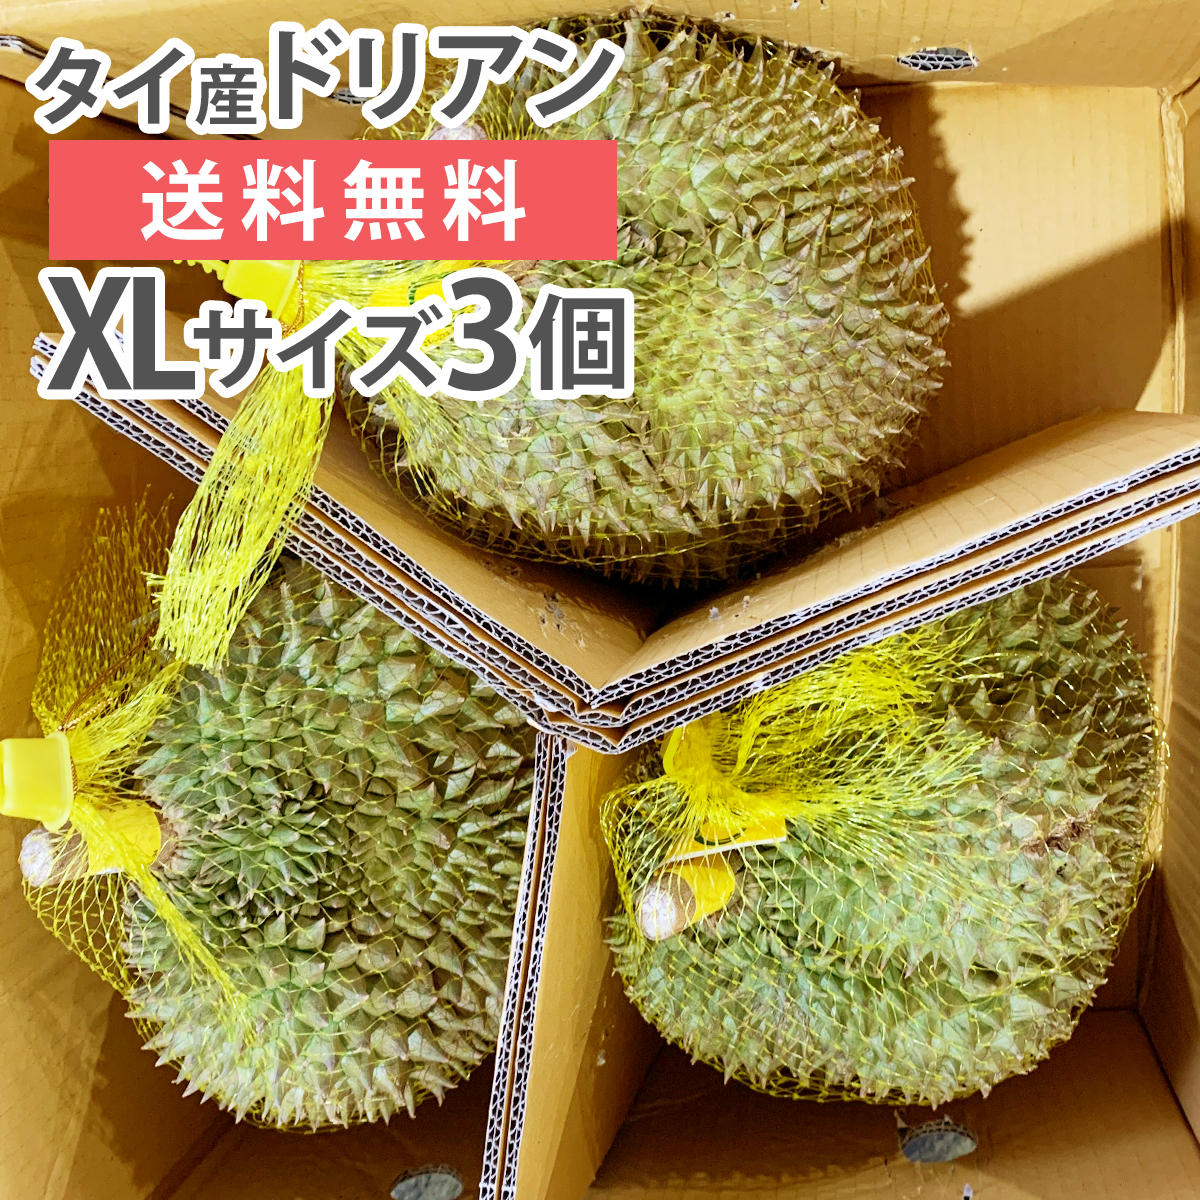 ドリアン モントーン種 タイ産 XLサイズ 3玉 生鮮 フレッシュ 生 果物